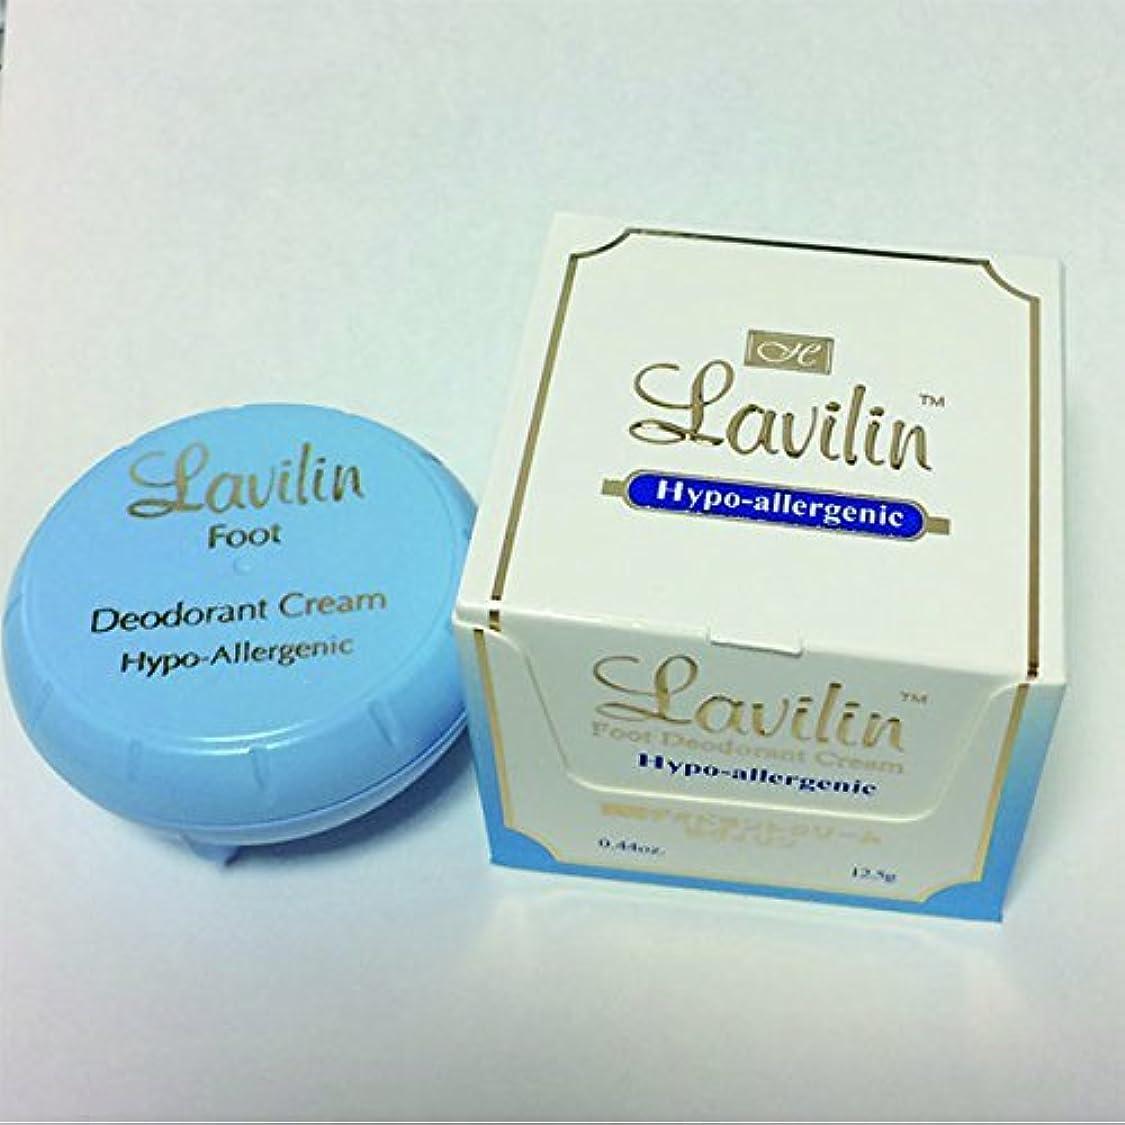 ダウンタウン私たちのもの高潔なラヴィリン 薬用 フットクリーム 12.5g 足の臭い匂い予防 デオドラントクリーム lavilin ラビリン